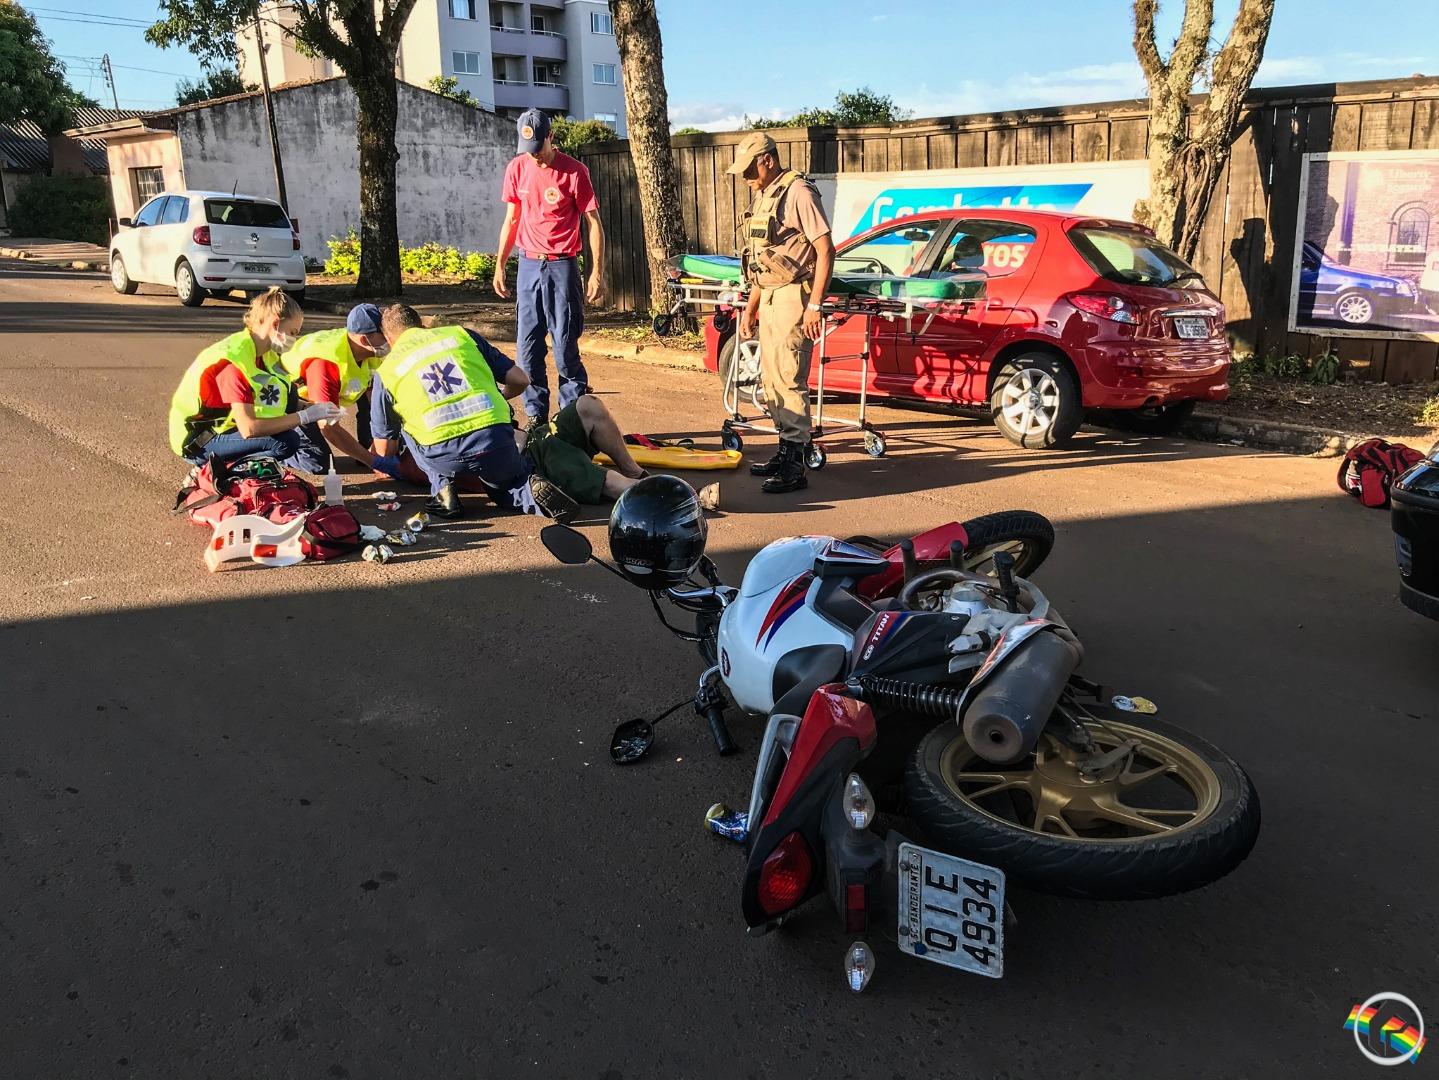 Atropelamento deixa homem ferido no centro do município